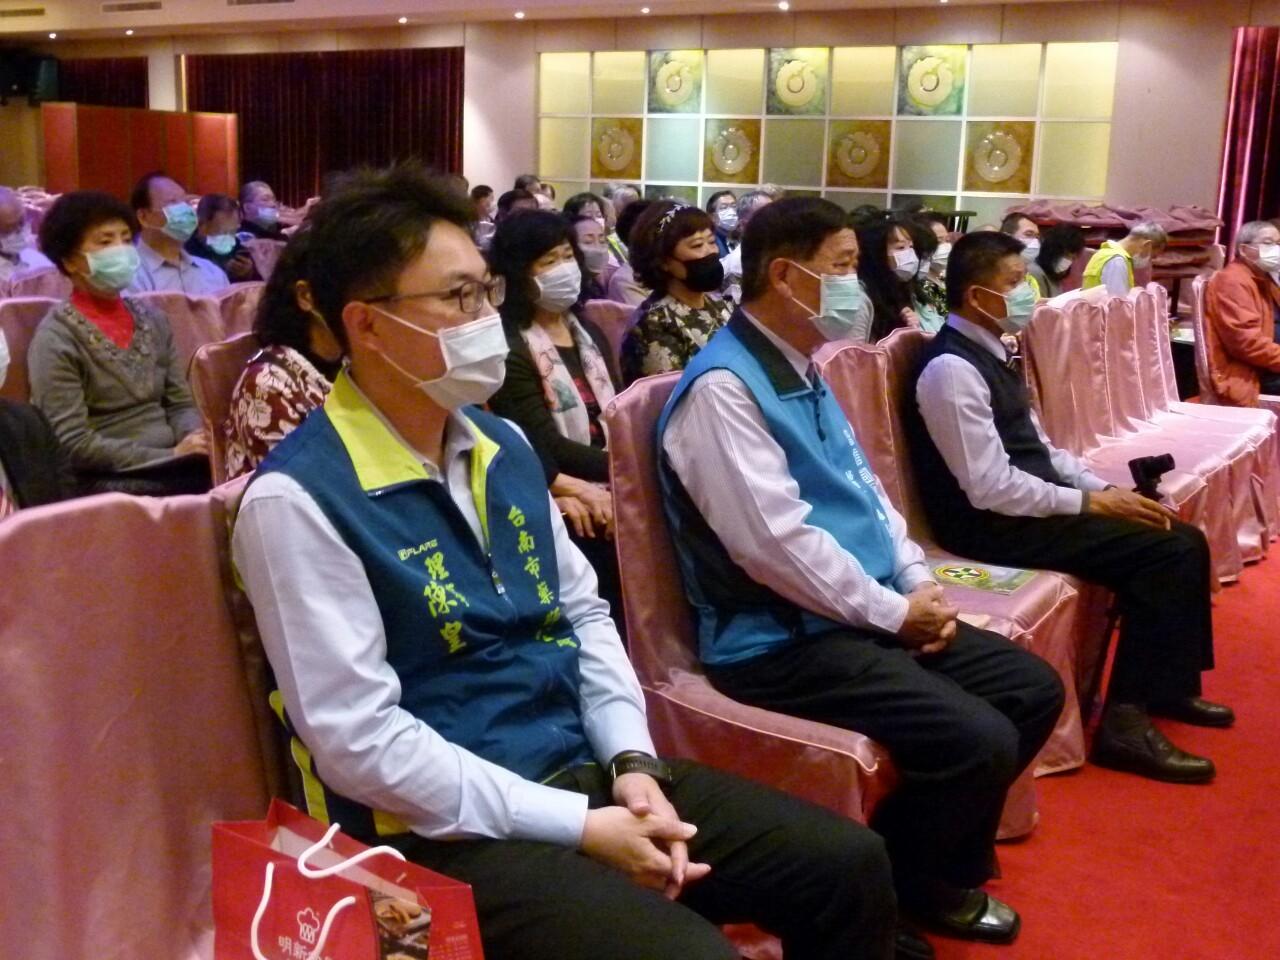 台南市西藥公會第29屆第二次會員大會暨頒發108年度會員子女獎學金_210202_30